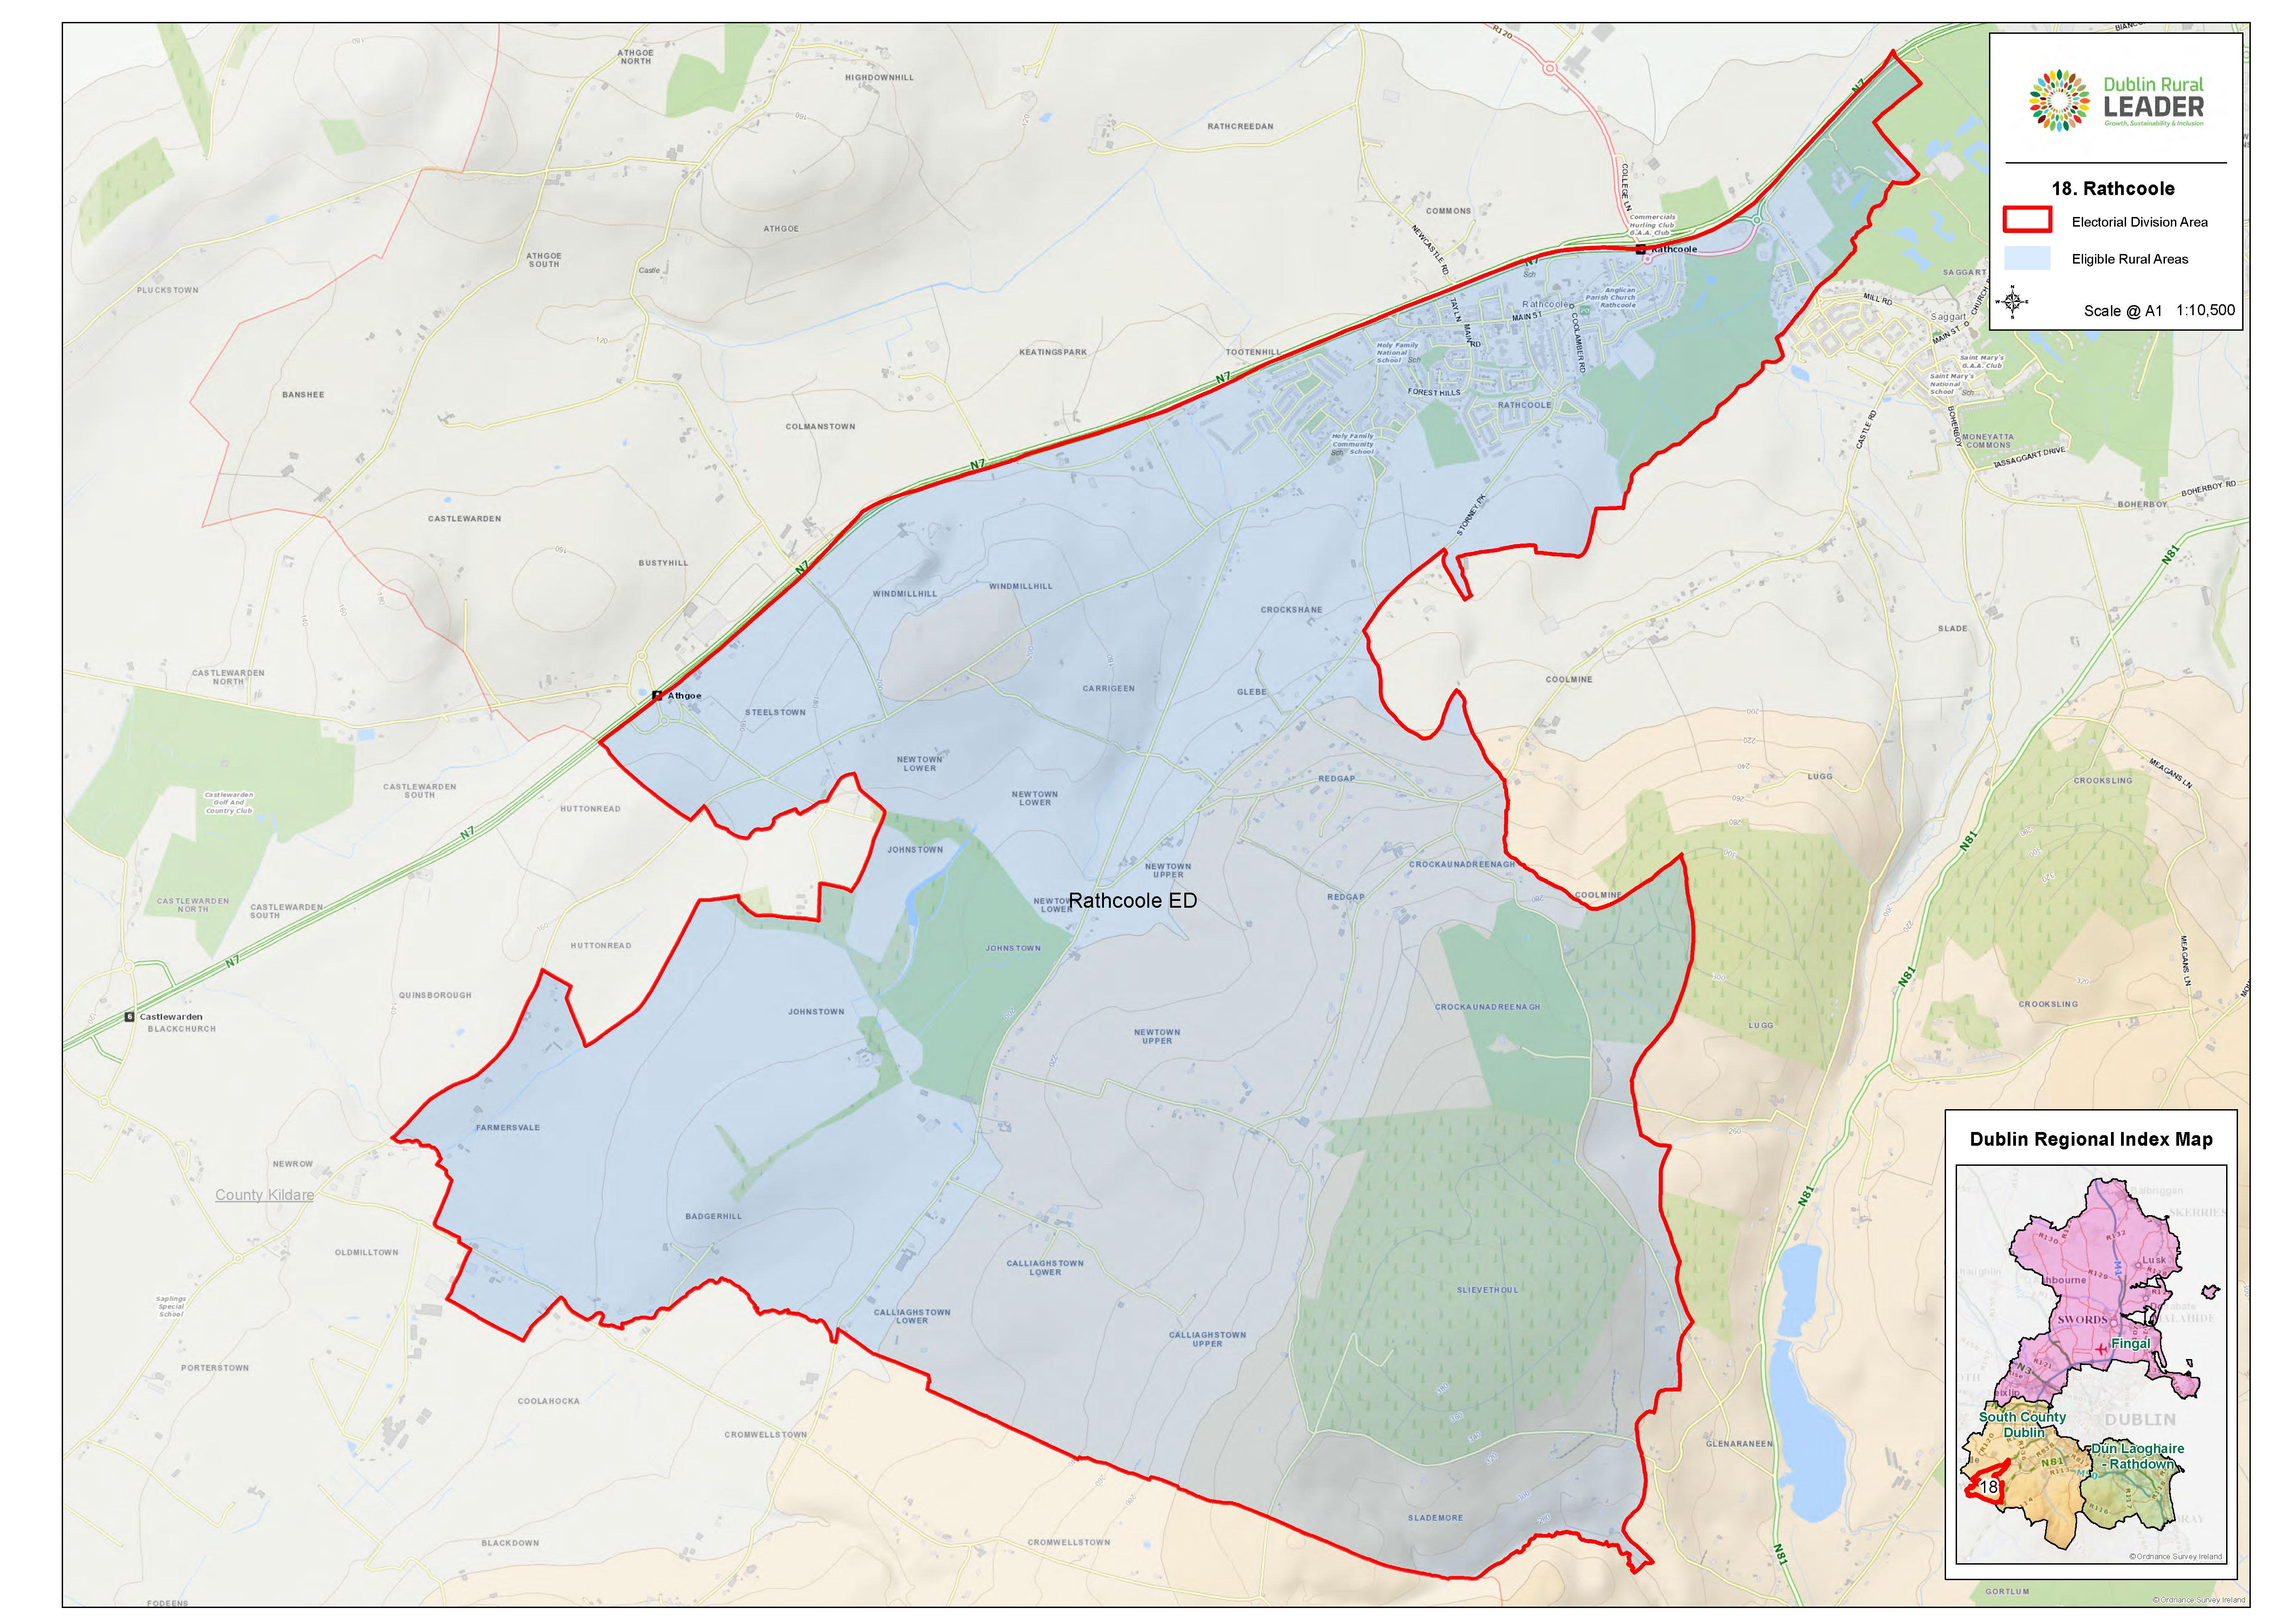 dublin_rural_leader_area_18-rathcoole